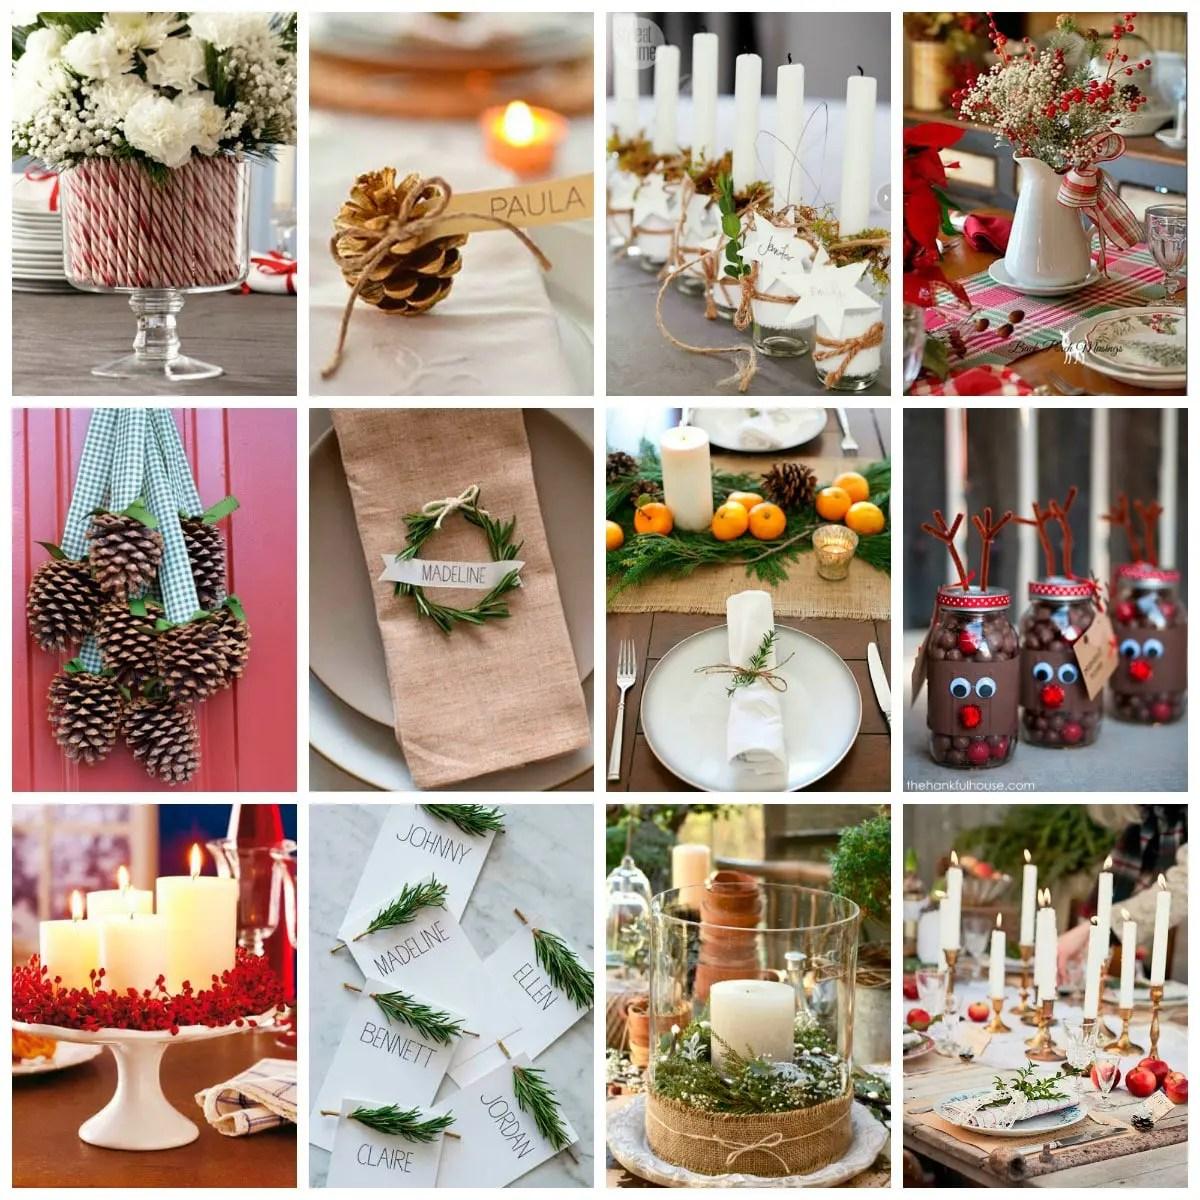 Ideas de decoracin para Navidad  Velocidad Cuchara